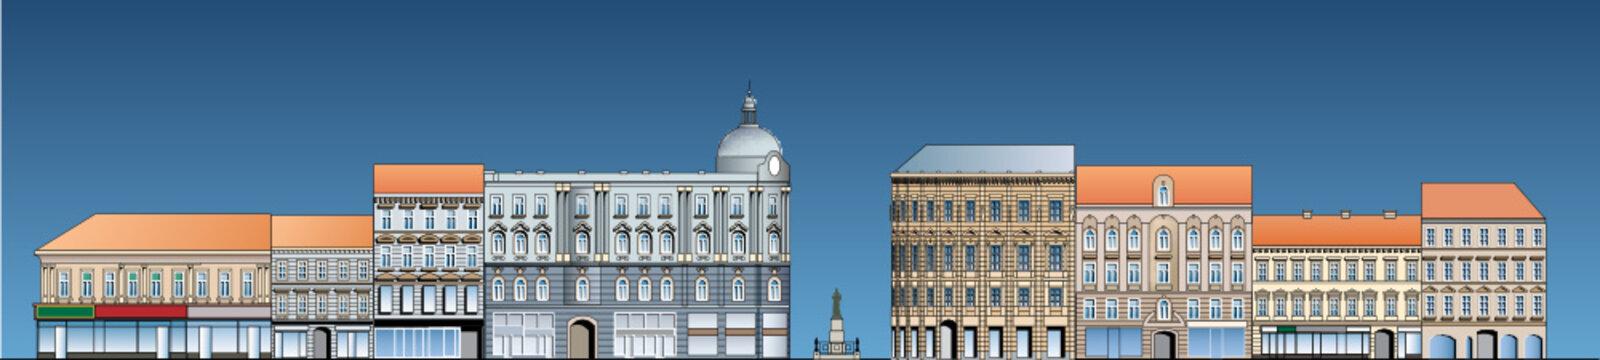 facade of the street